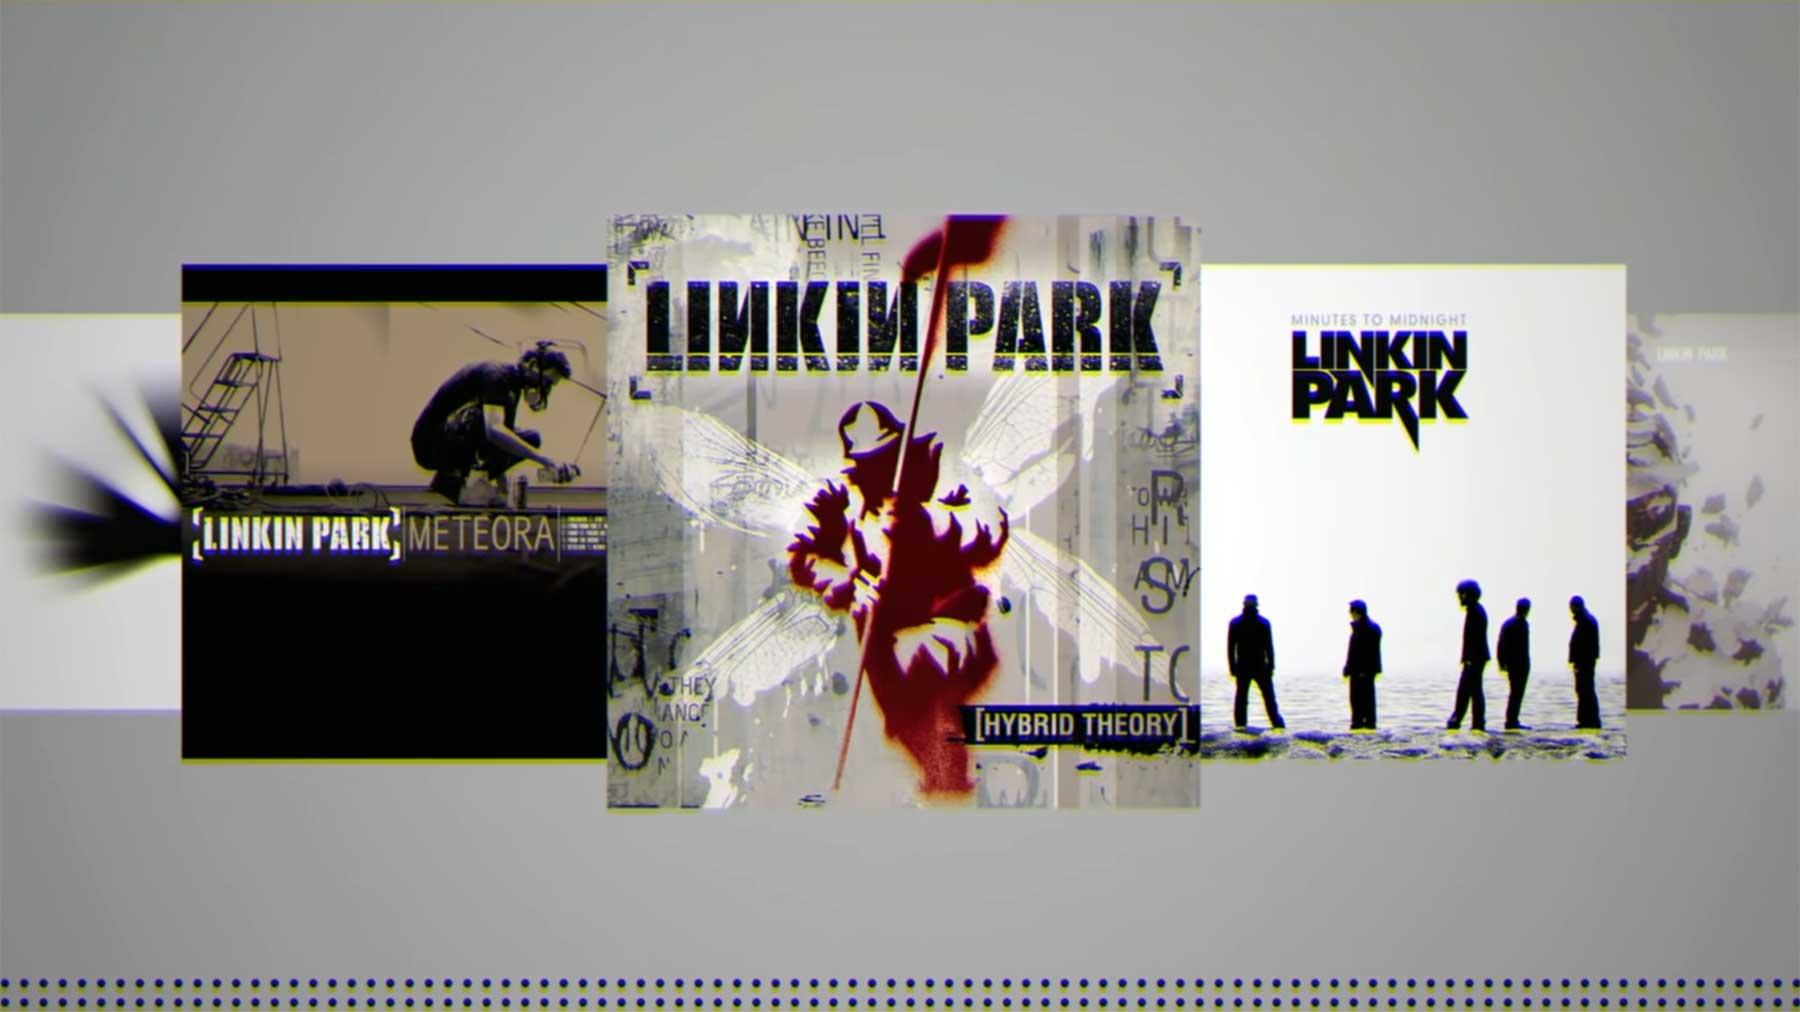 Gründung, Geschichte und Evolution der Band Linkin Park